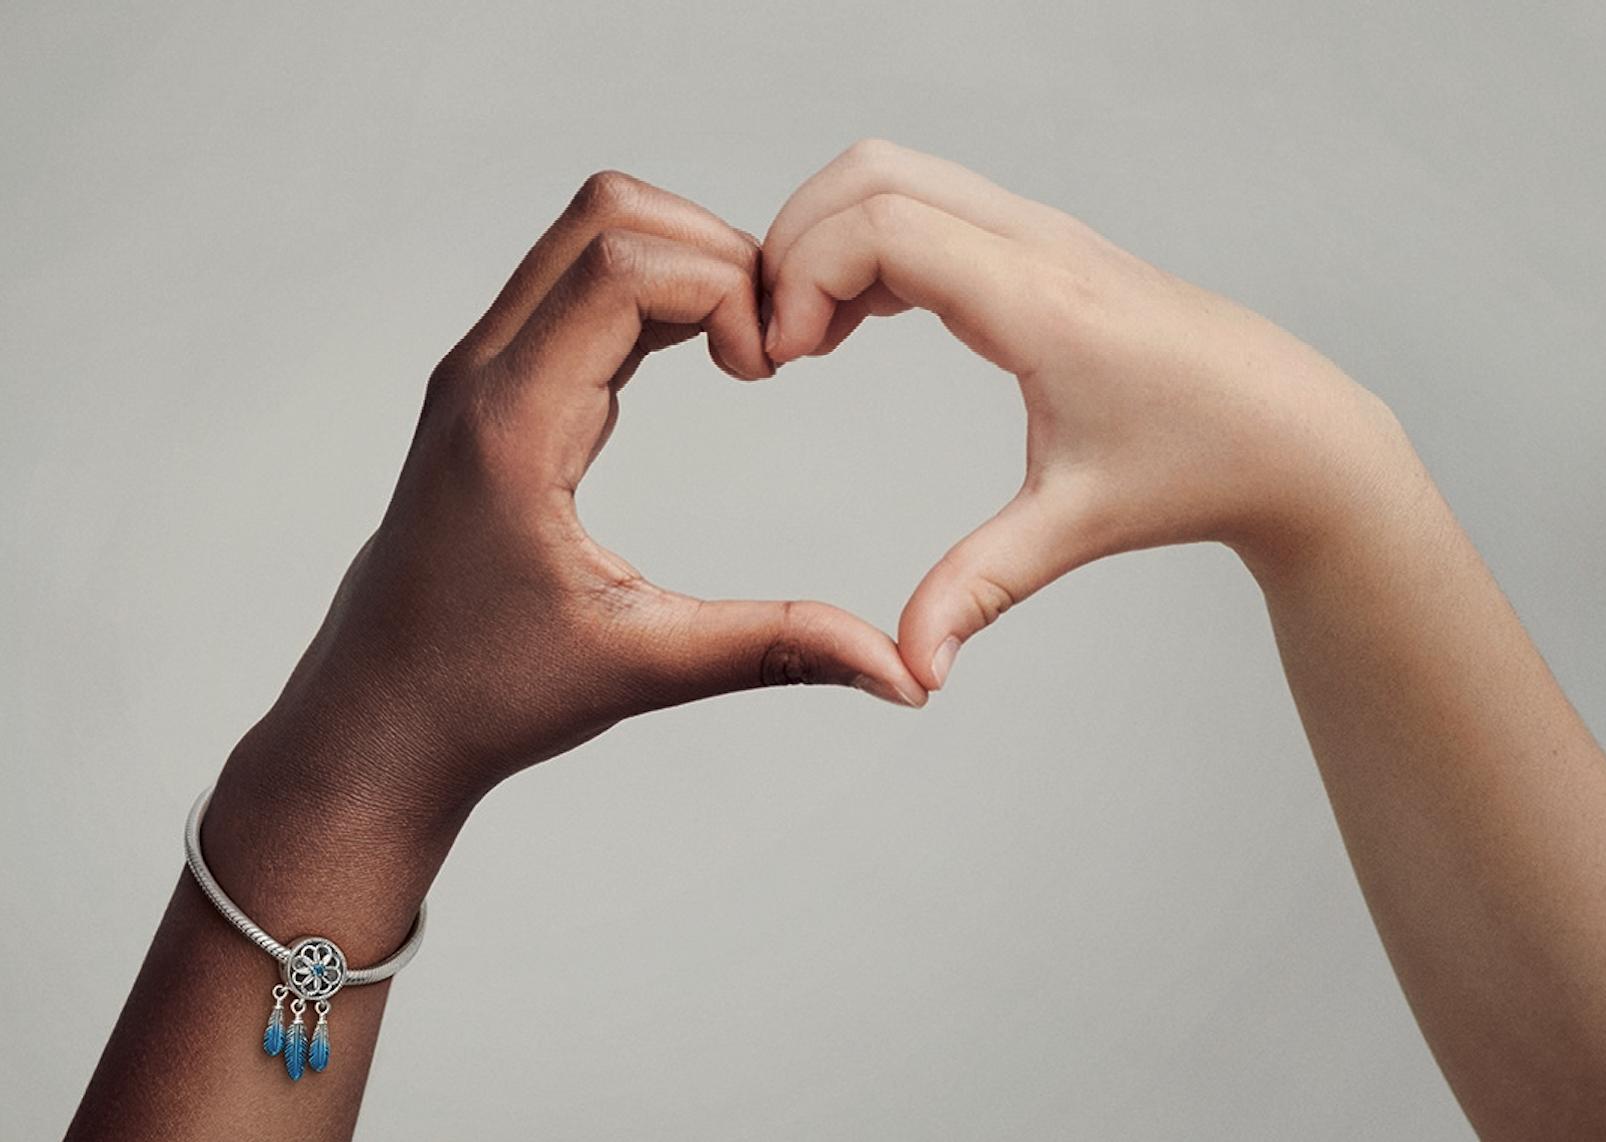 Pandora vuelve a apoyar a UNICEF con un charm emblemático